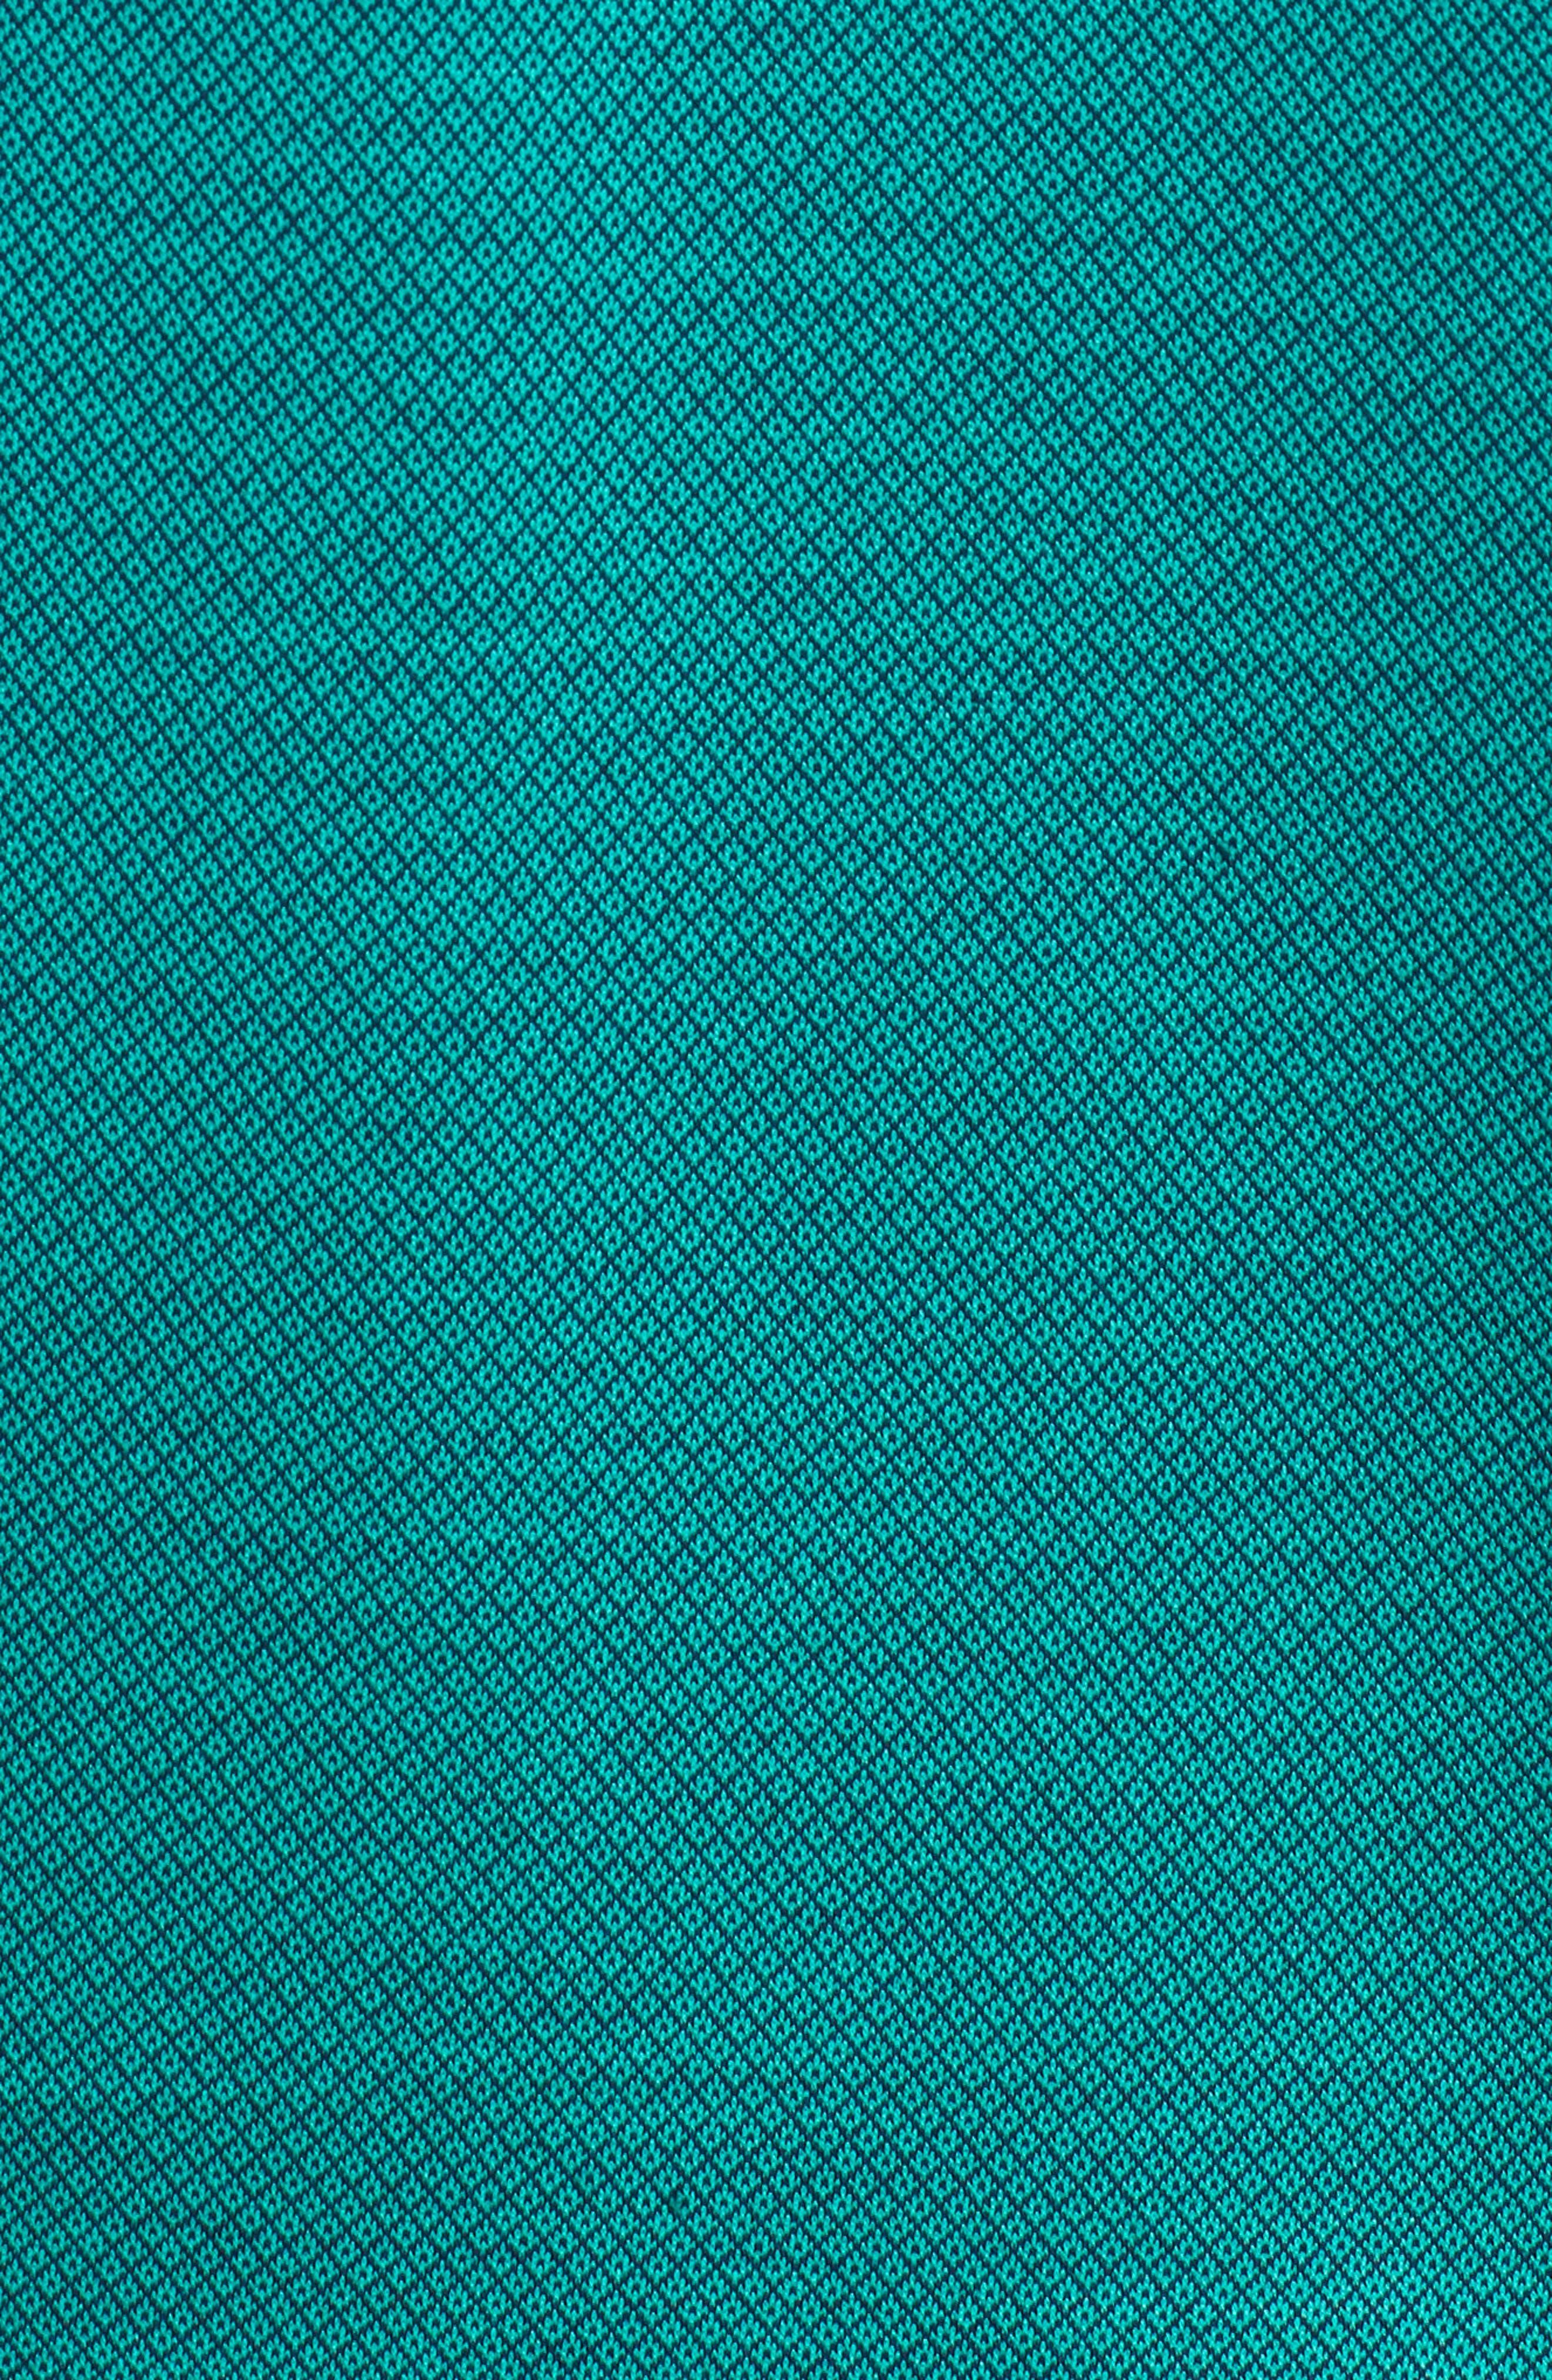 Mercerized Cotton Jacquard Polo,                             Alternate thumbnail 17, color,